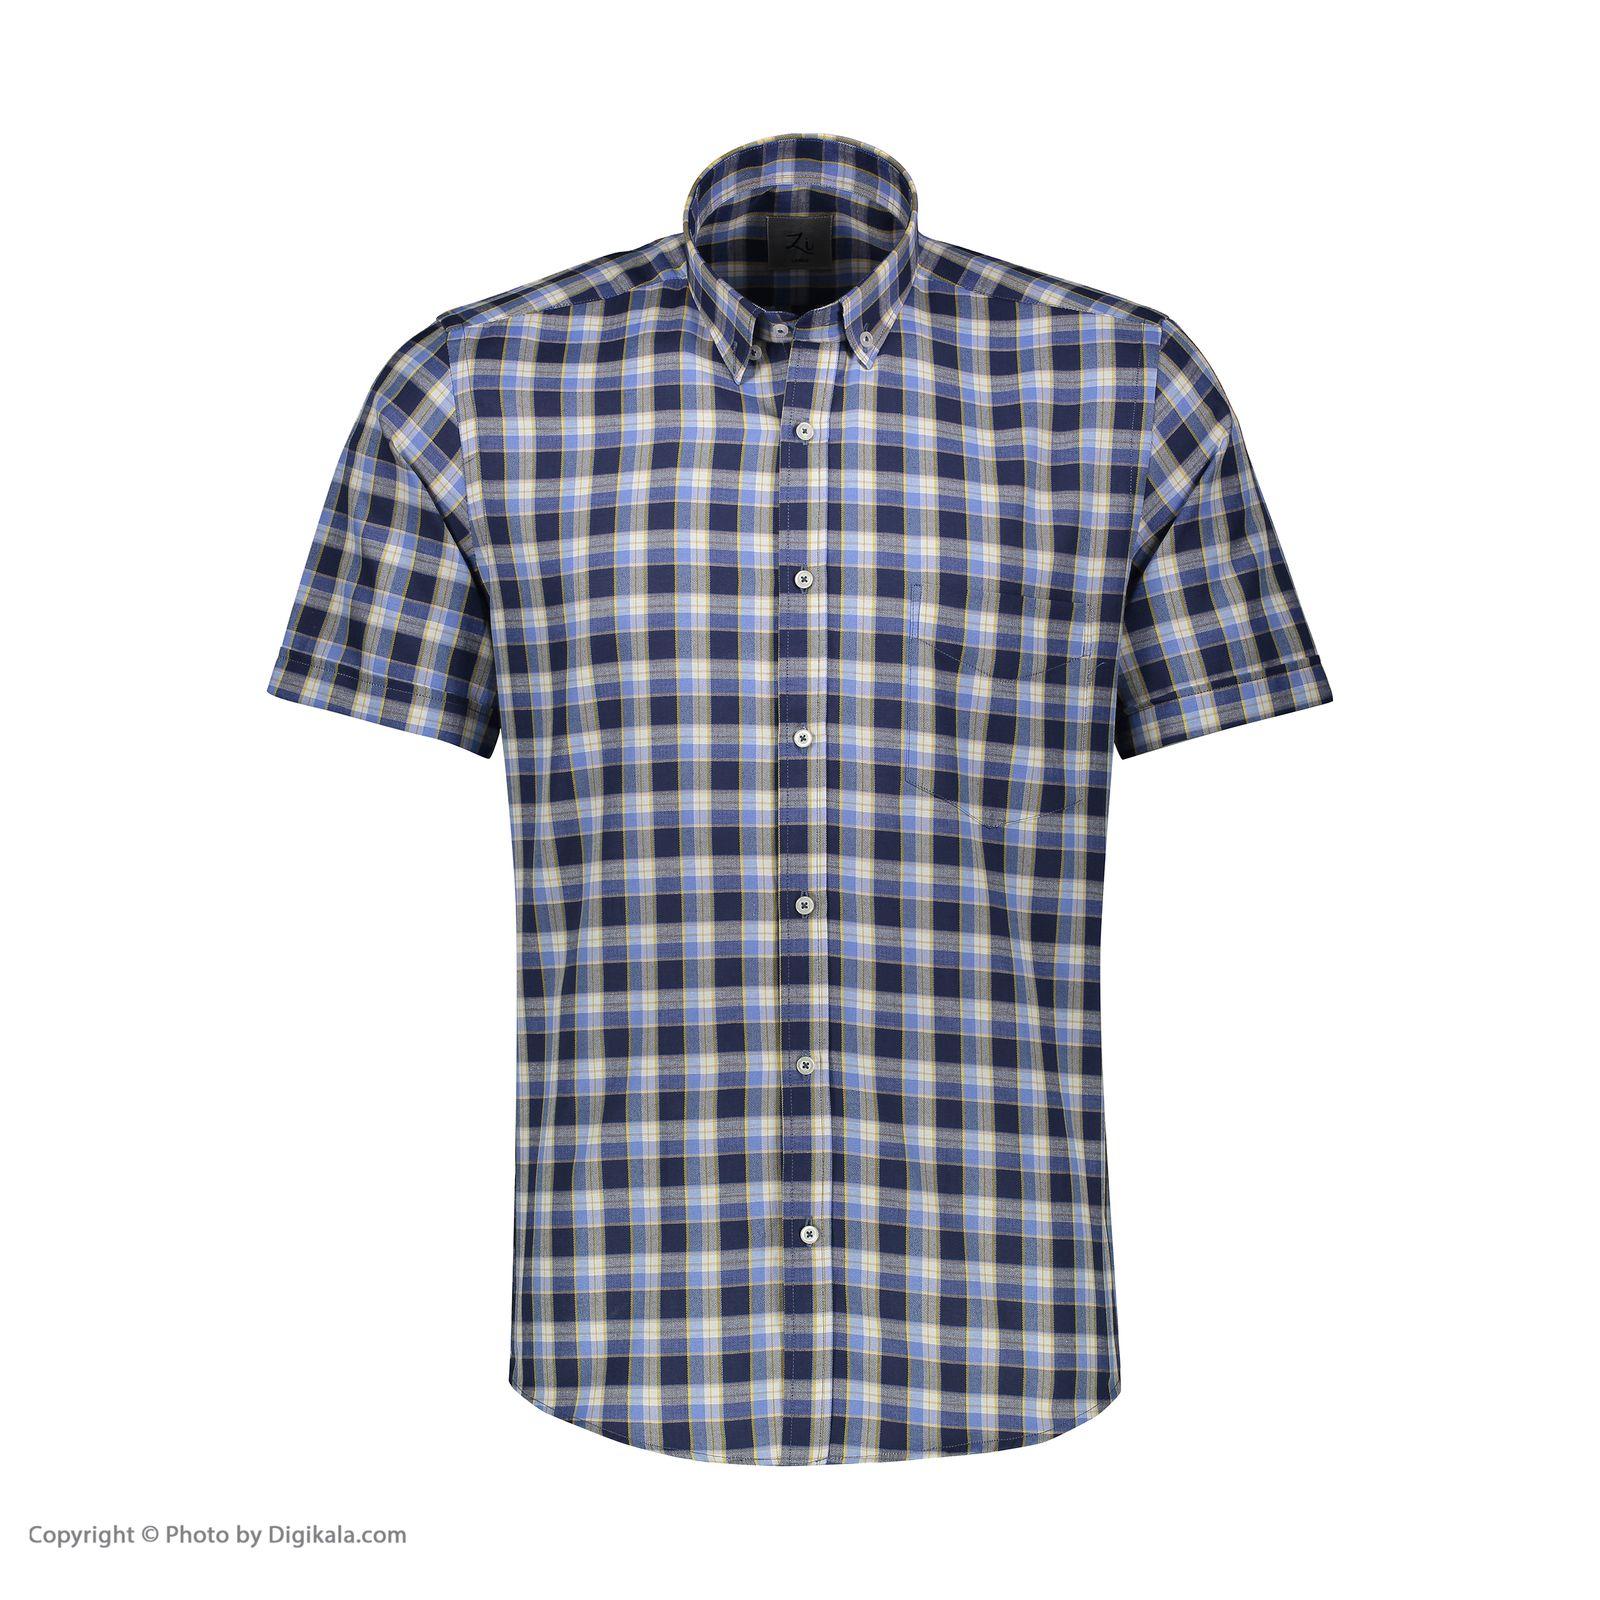 پیراهن مردانه زی مدل 1531226MC -  - 3